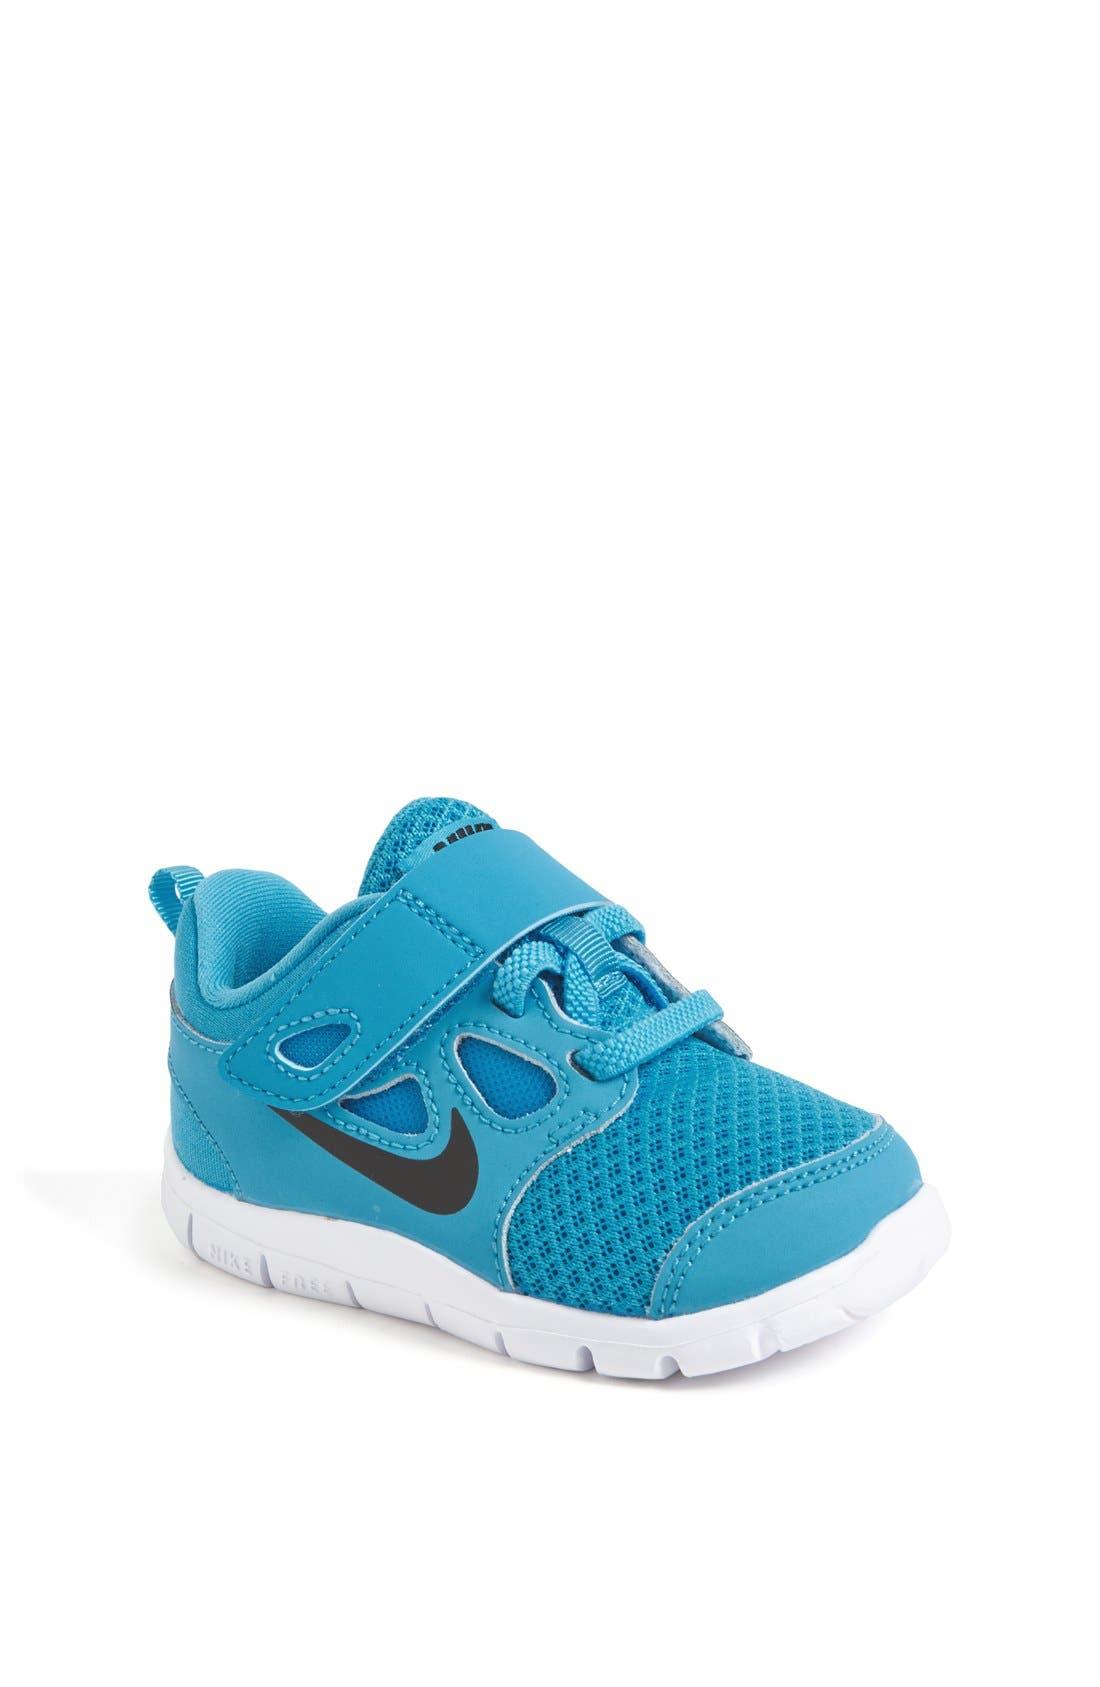 Main Image - Nike 'Free Run 5.0' Sneaker (Baby, Walker & Toddler)